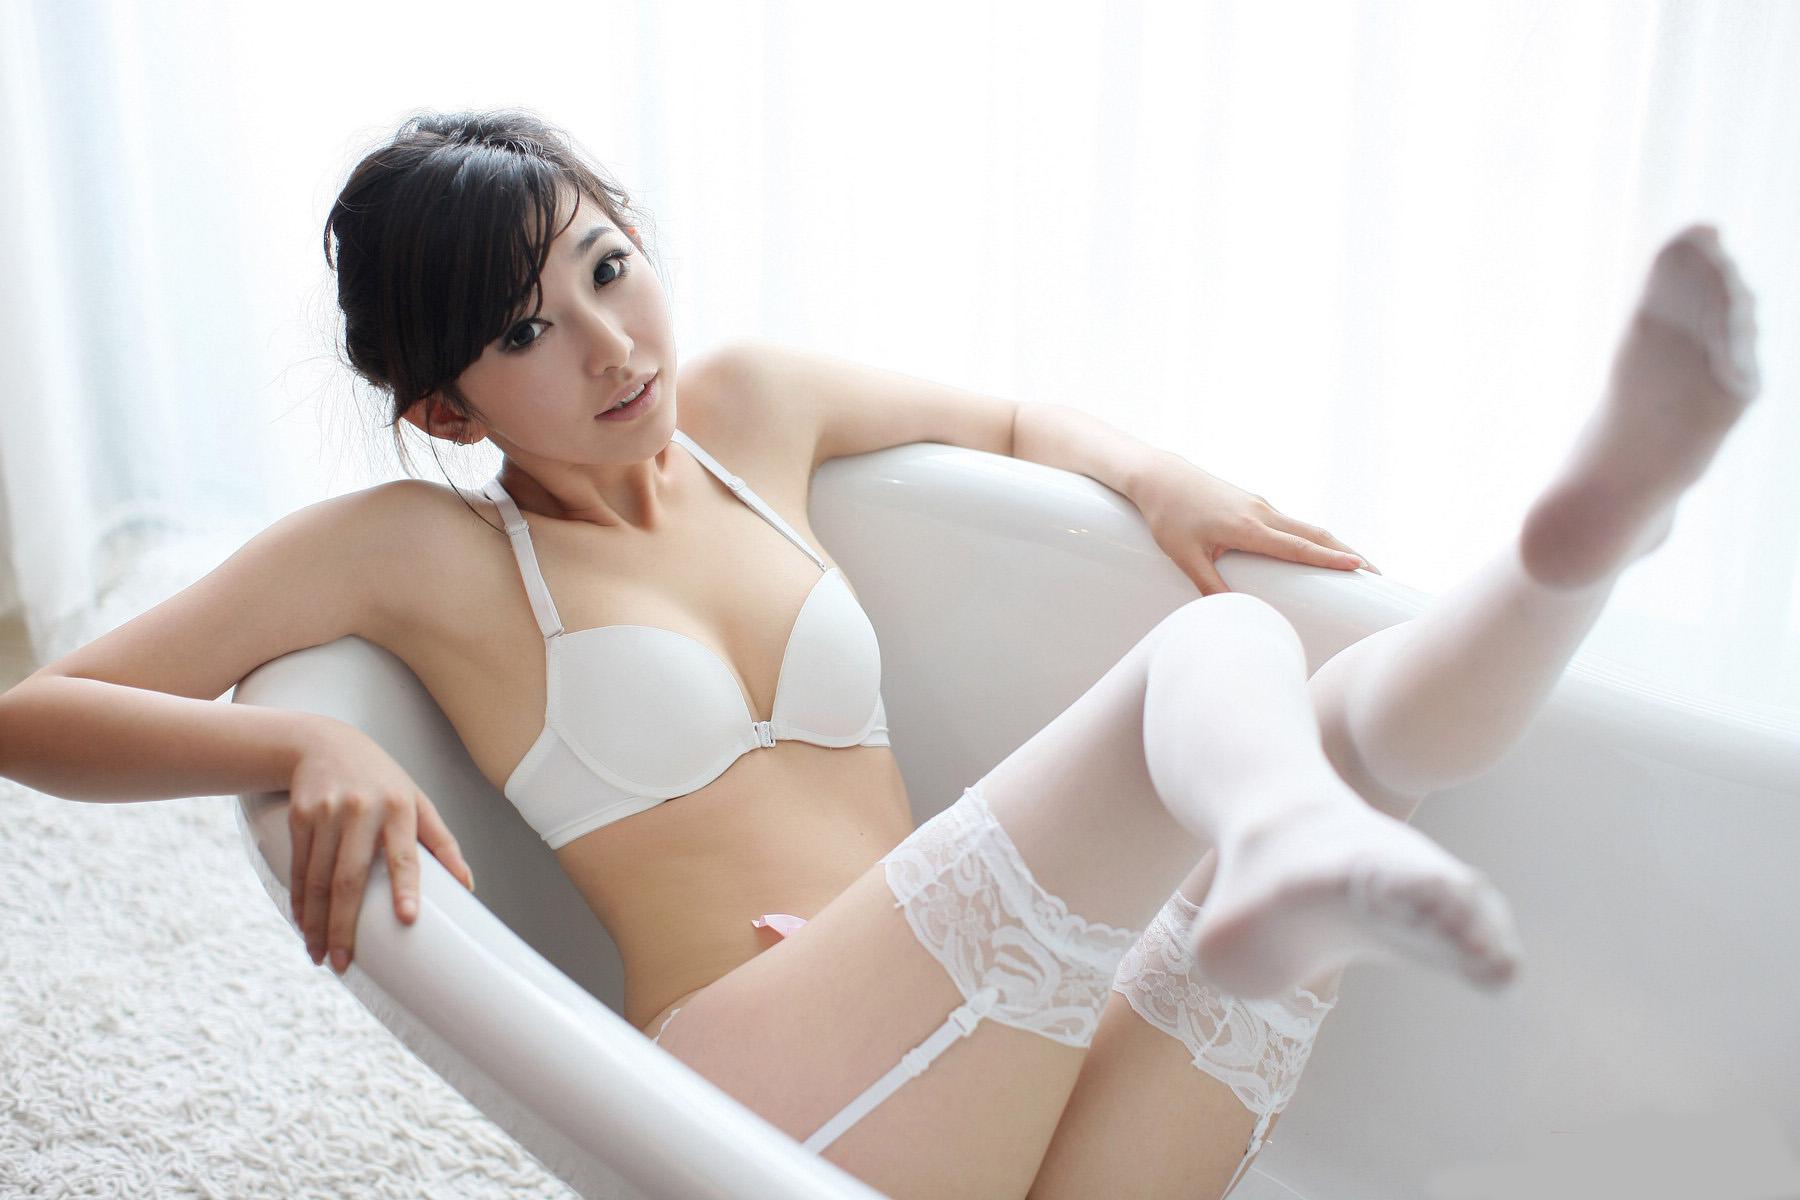 清純派OLお姉さんに似合う綺麗な白ガーターベルト画像8枚目